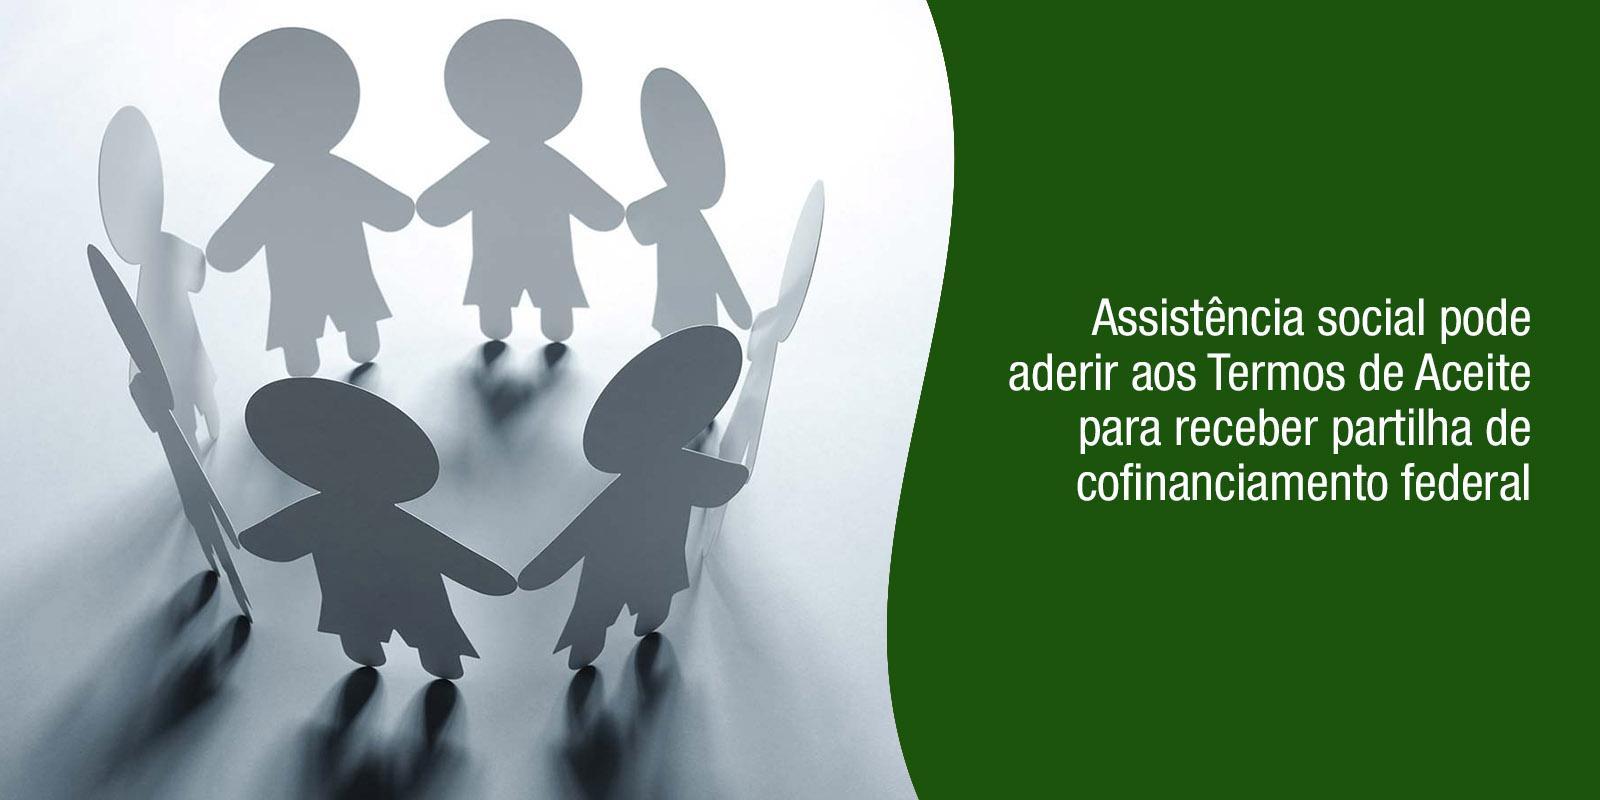 Assistência social pode aderir aos Termos de Aceite para receber partilha de cofinanciamento federal